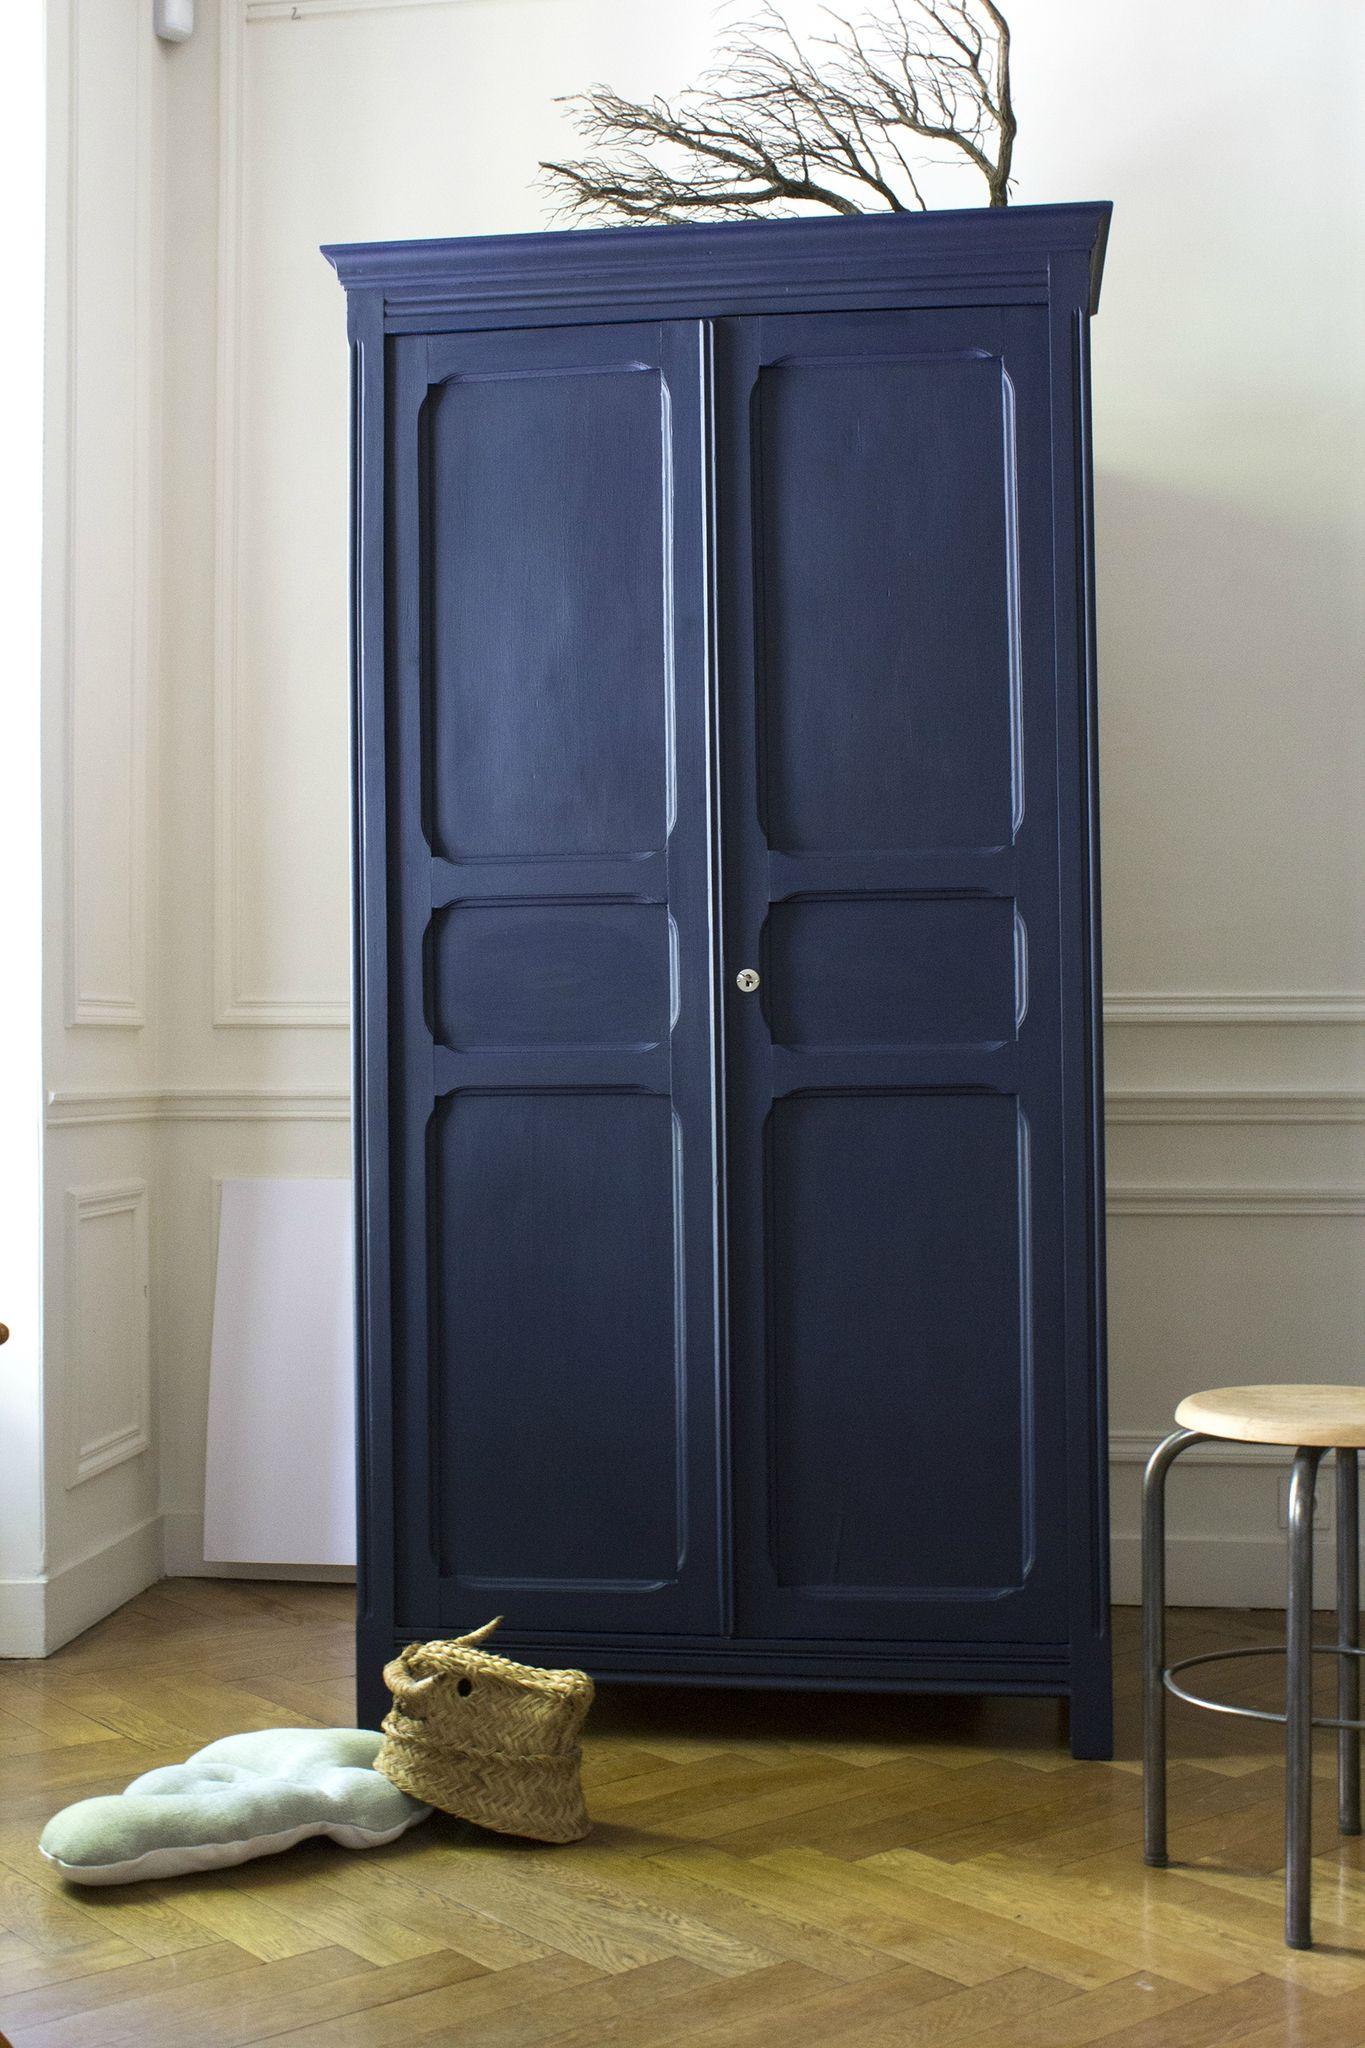 Armoire parisienne bleue chambre enfant trendy little 1 - Transformer une armoire en bureau ...